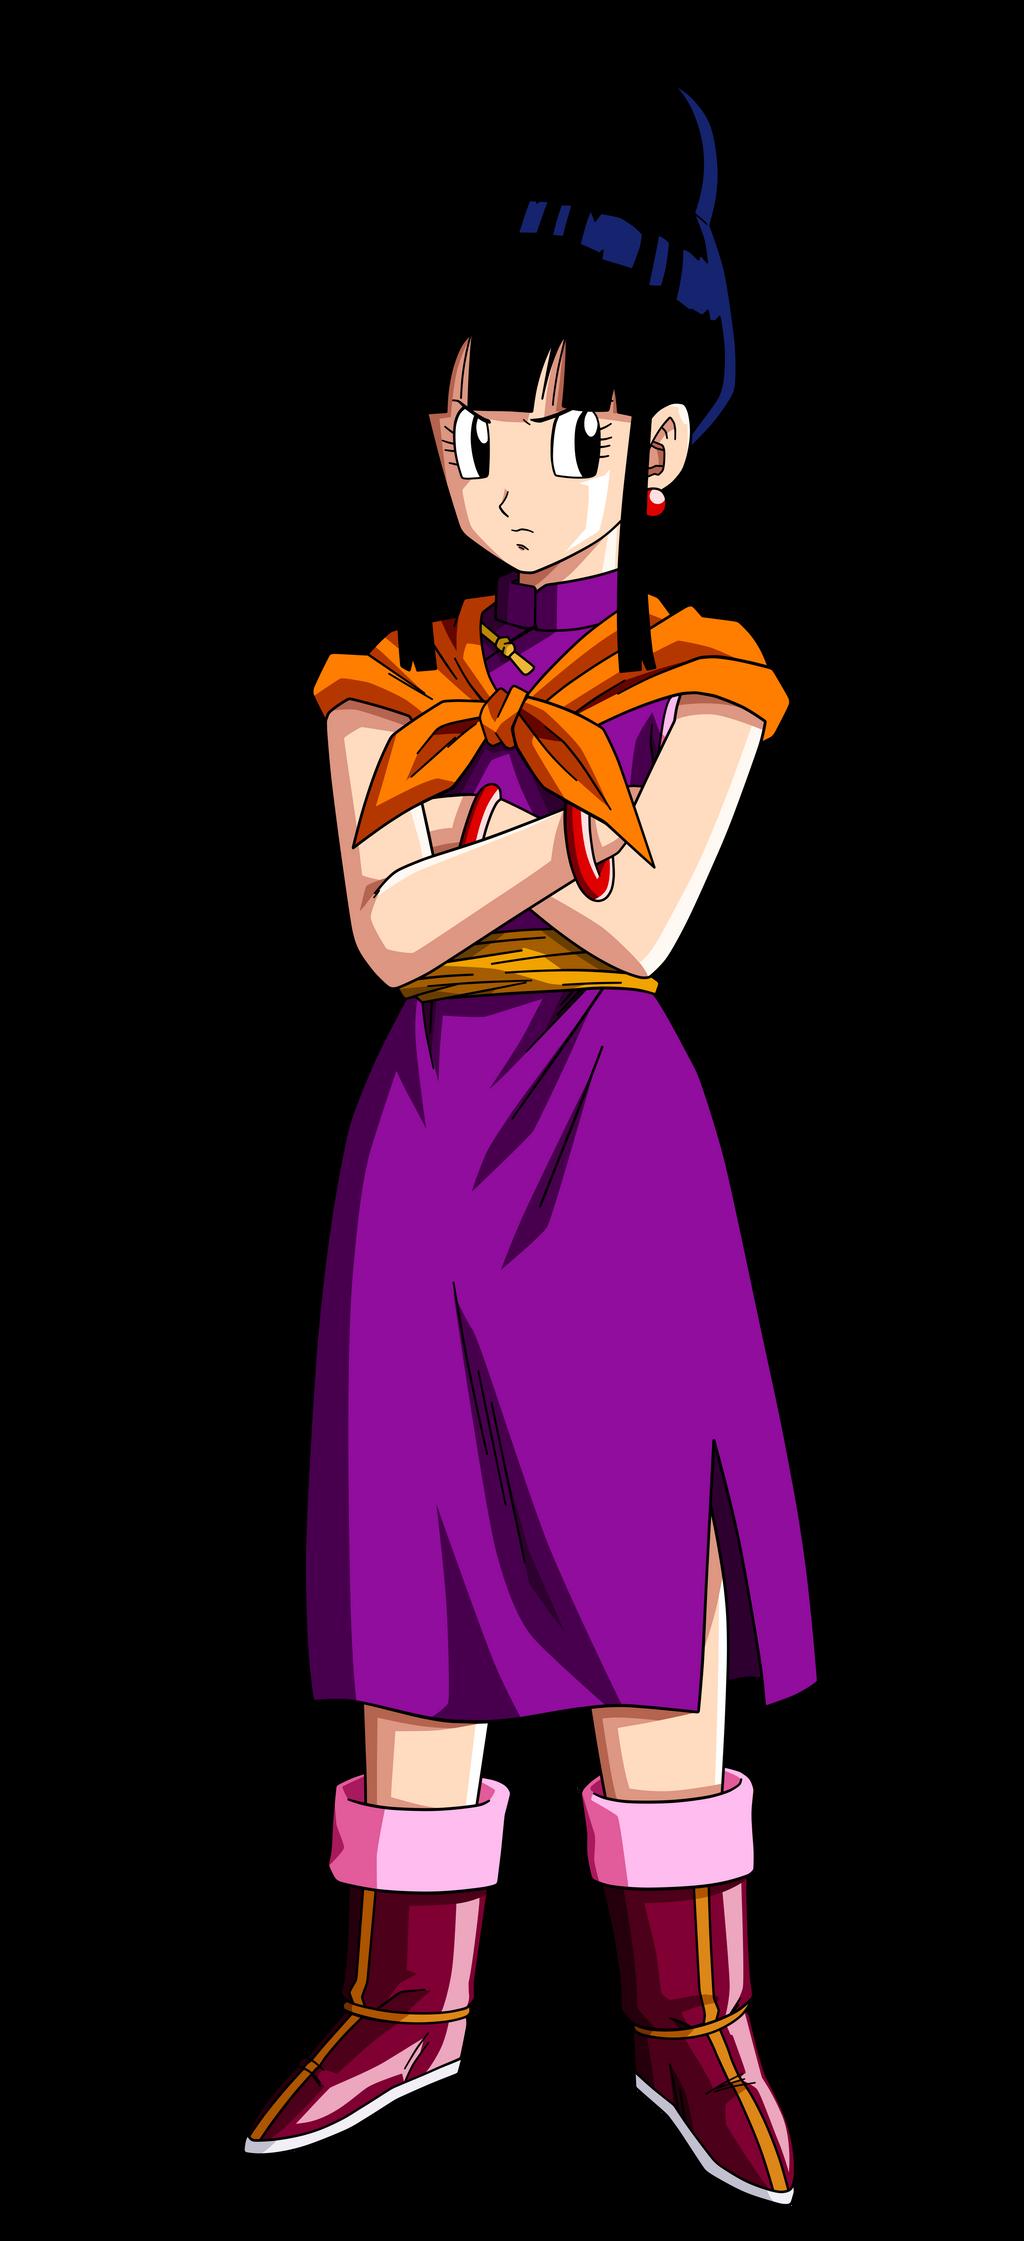 Character: chi chi nhentai: hentai